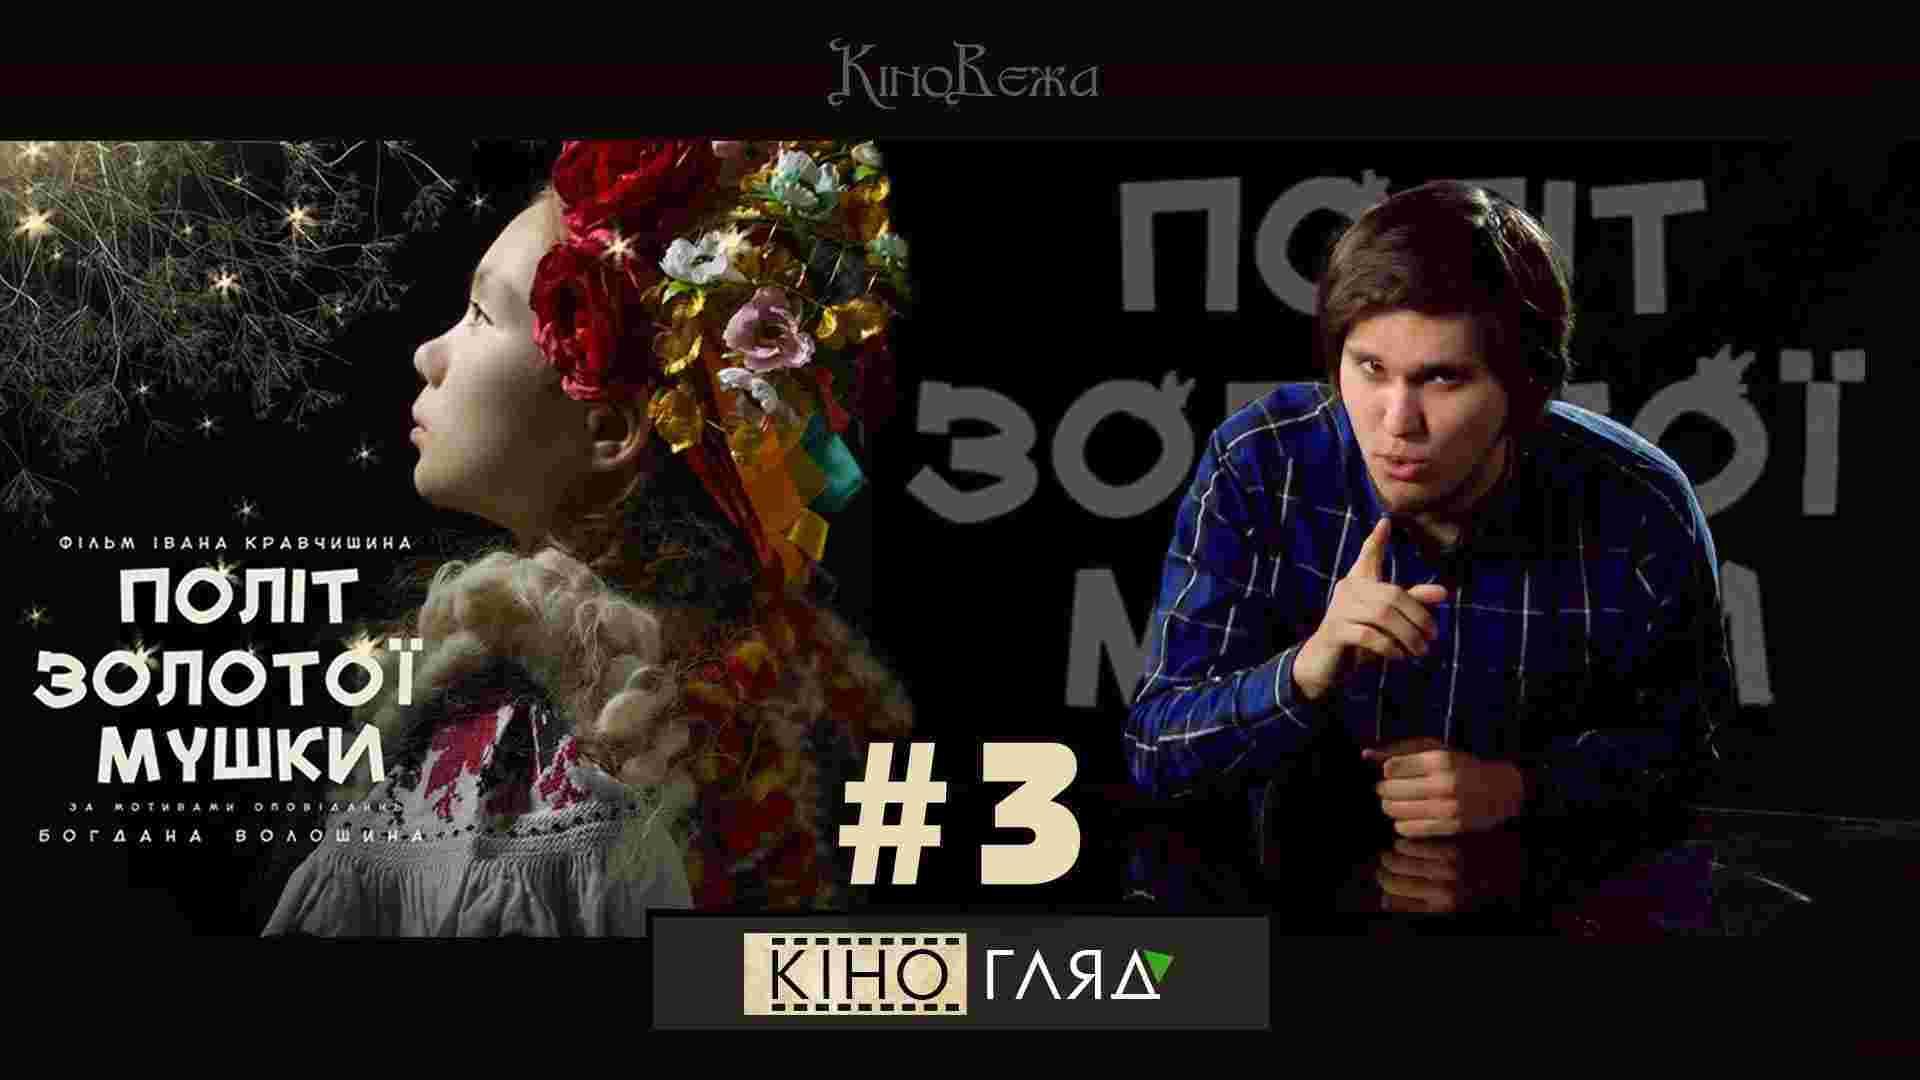 Заглушка КіноГляд 3 Політ золотої мушки режисер Іван Кравчишин